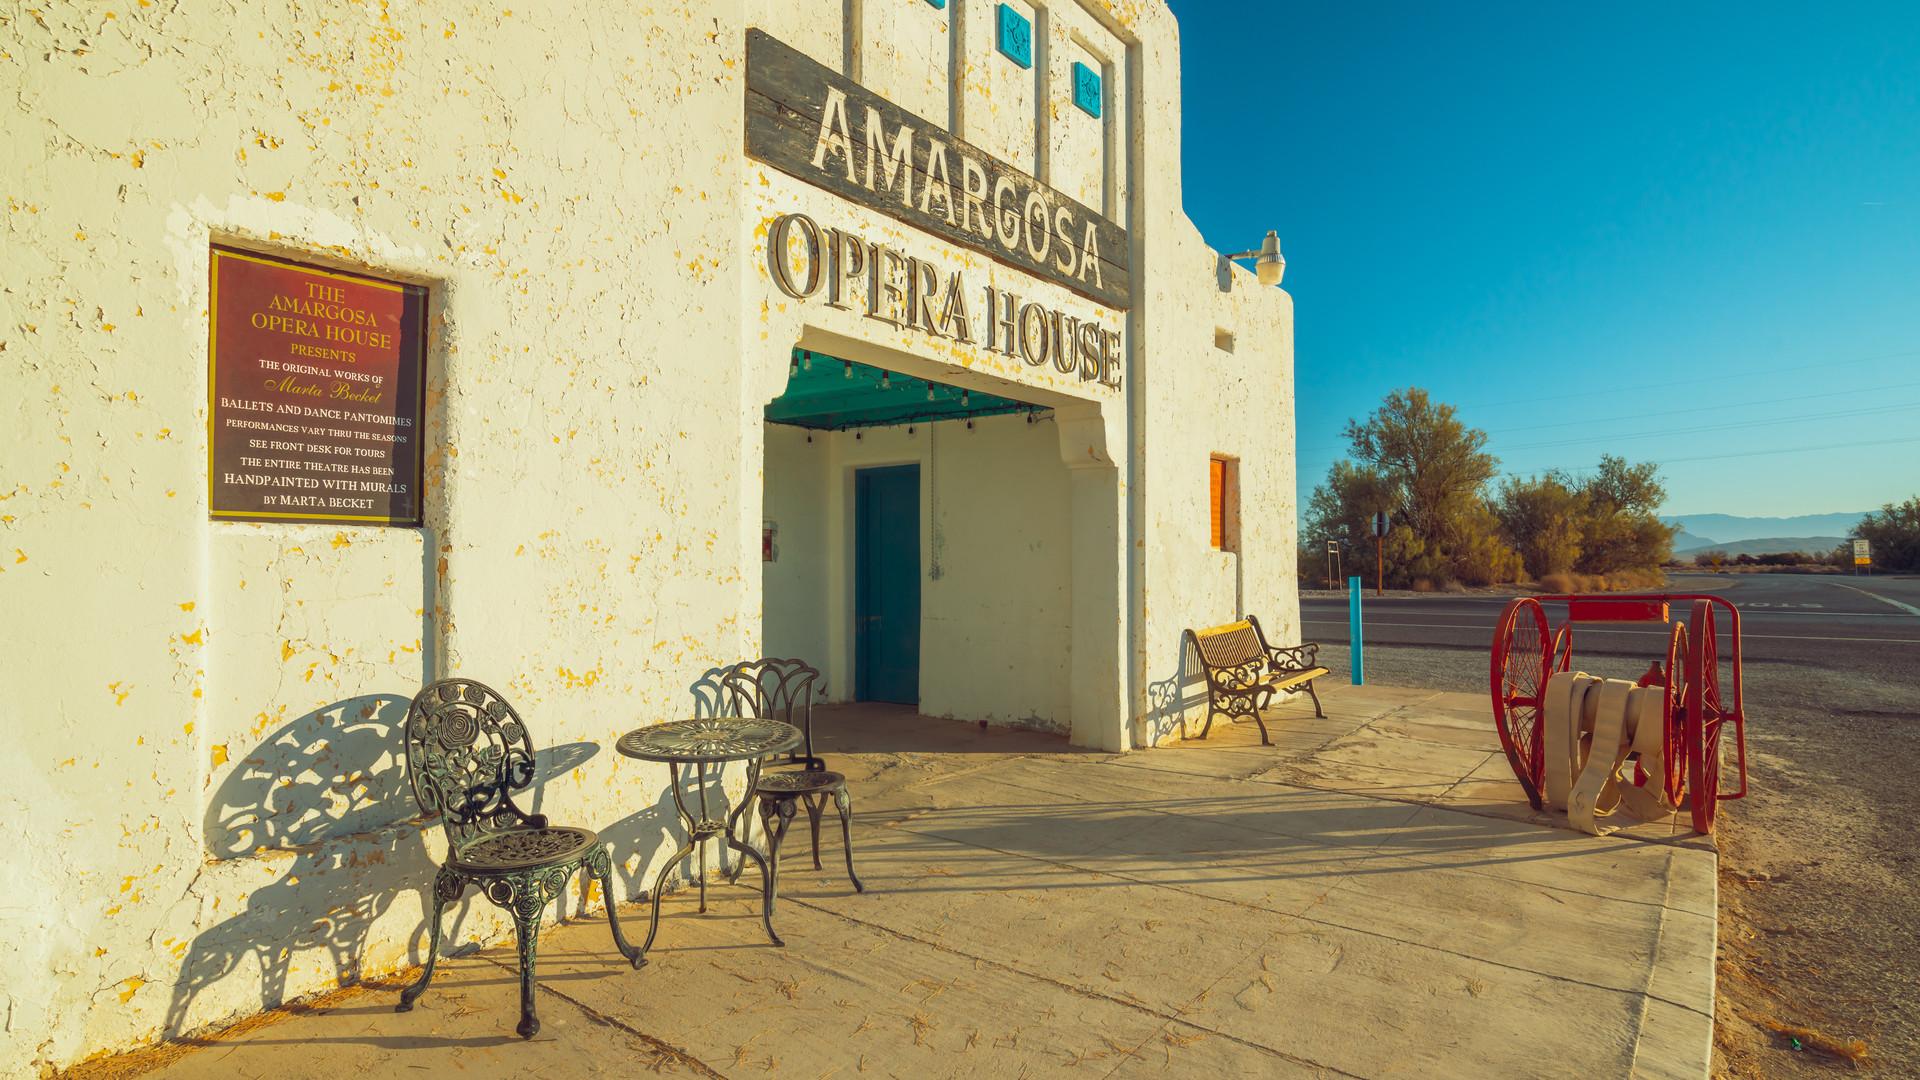 Amargosa Opera House